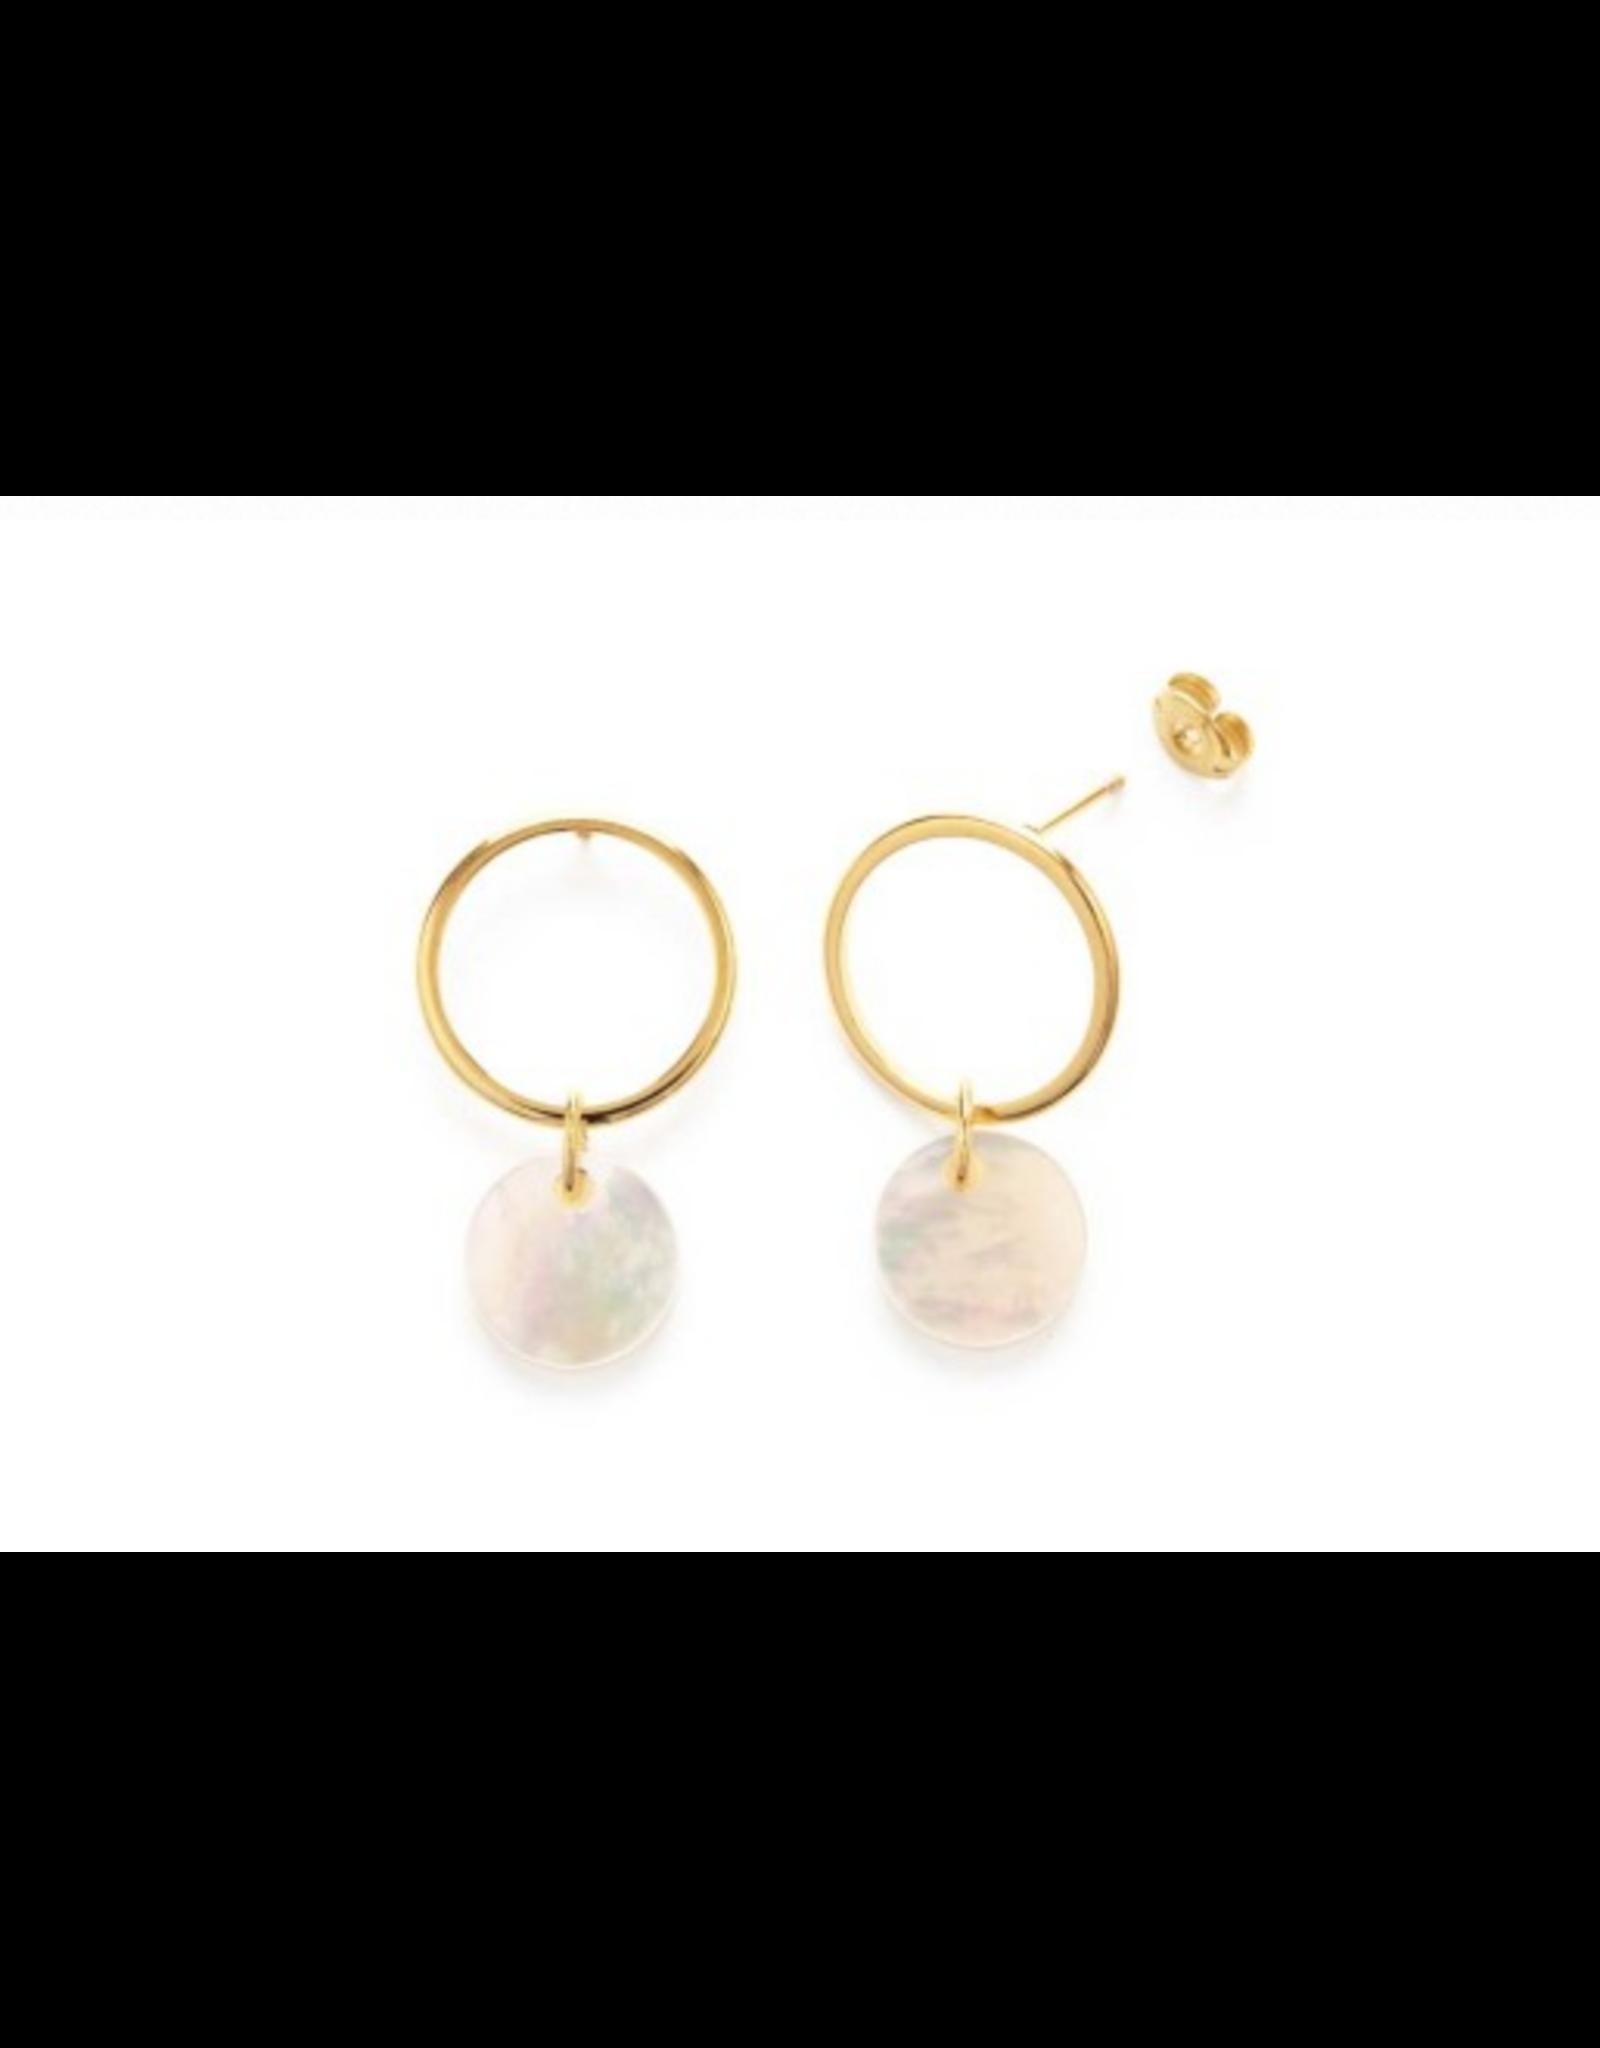 Playa Stud Earrings, mother of pearl